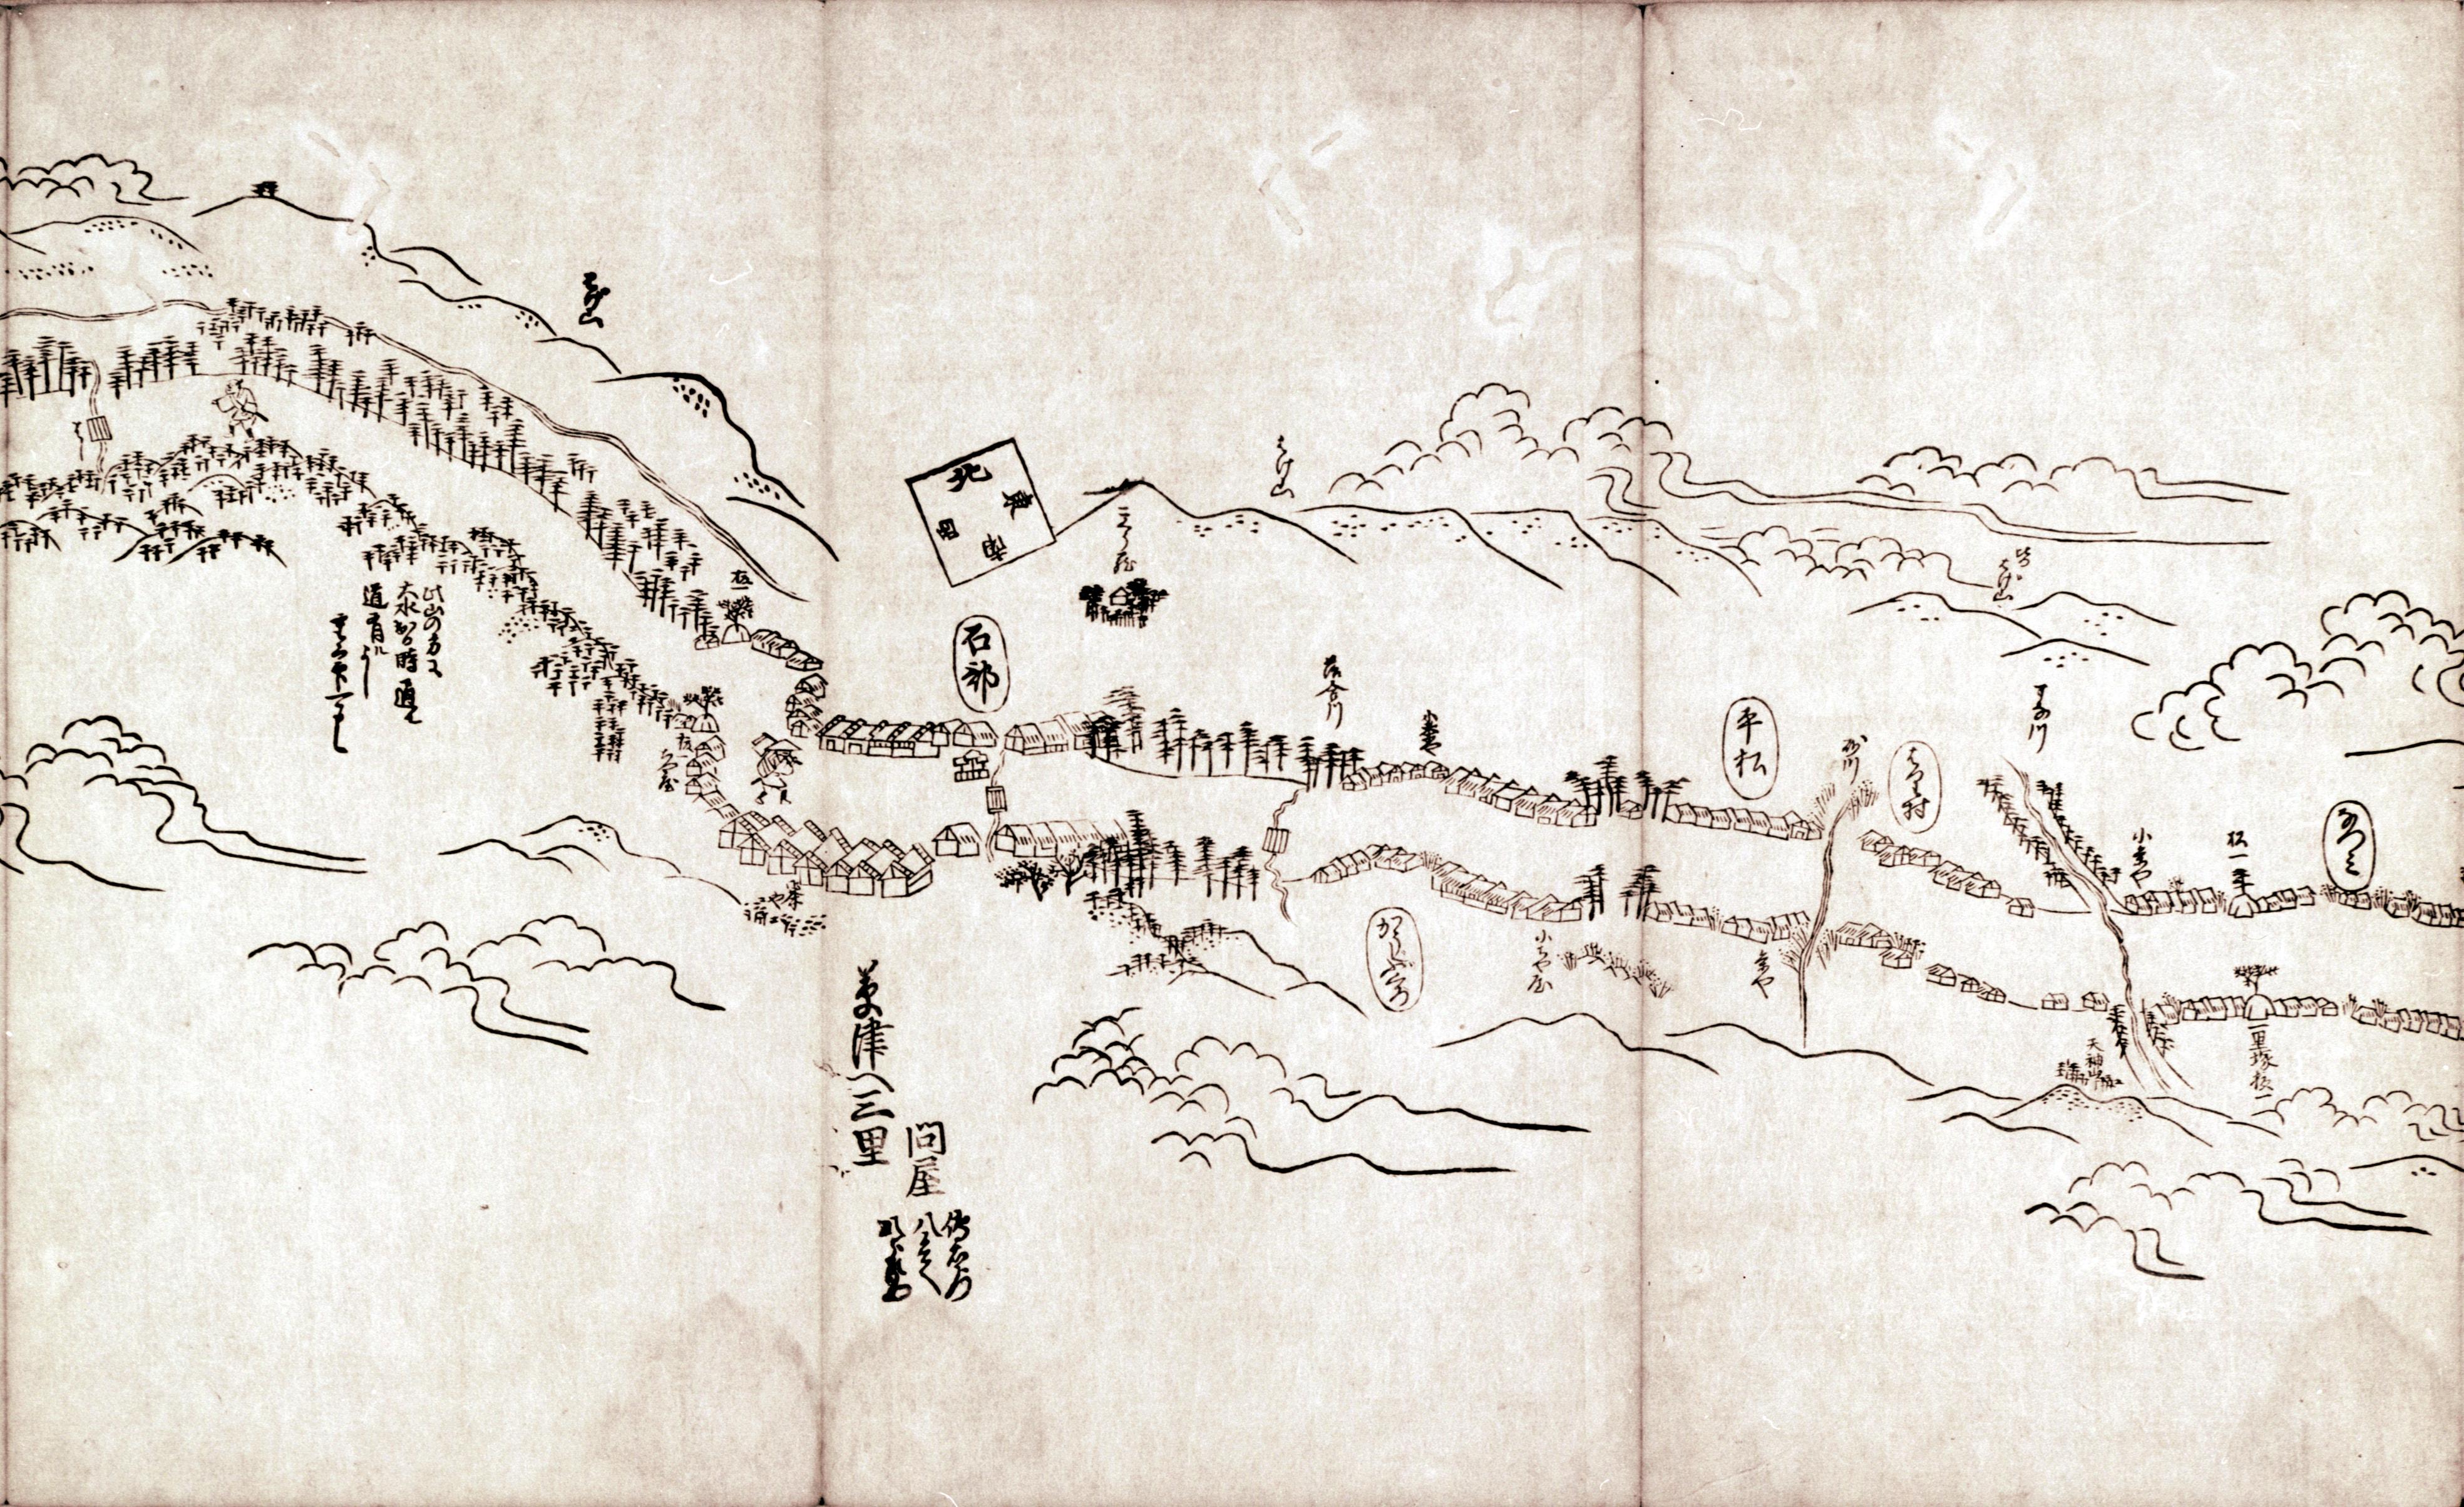 東海道分間之図 七十五